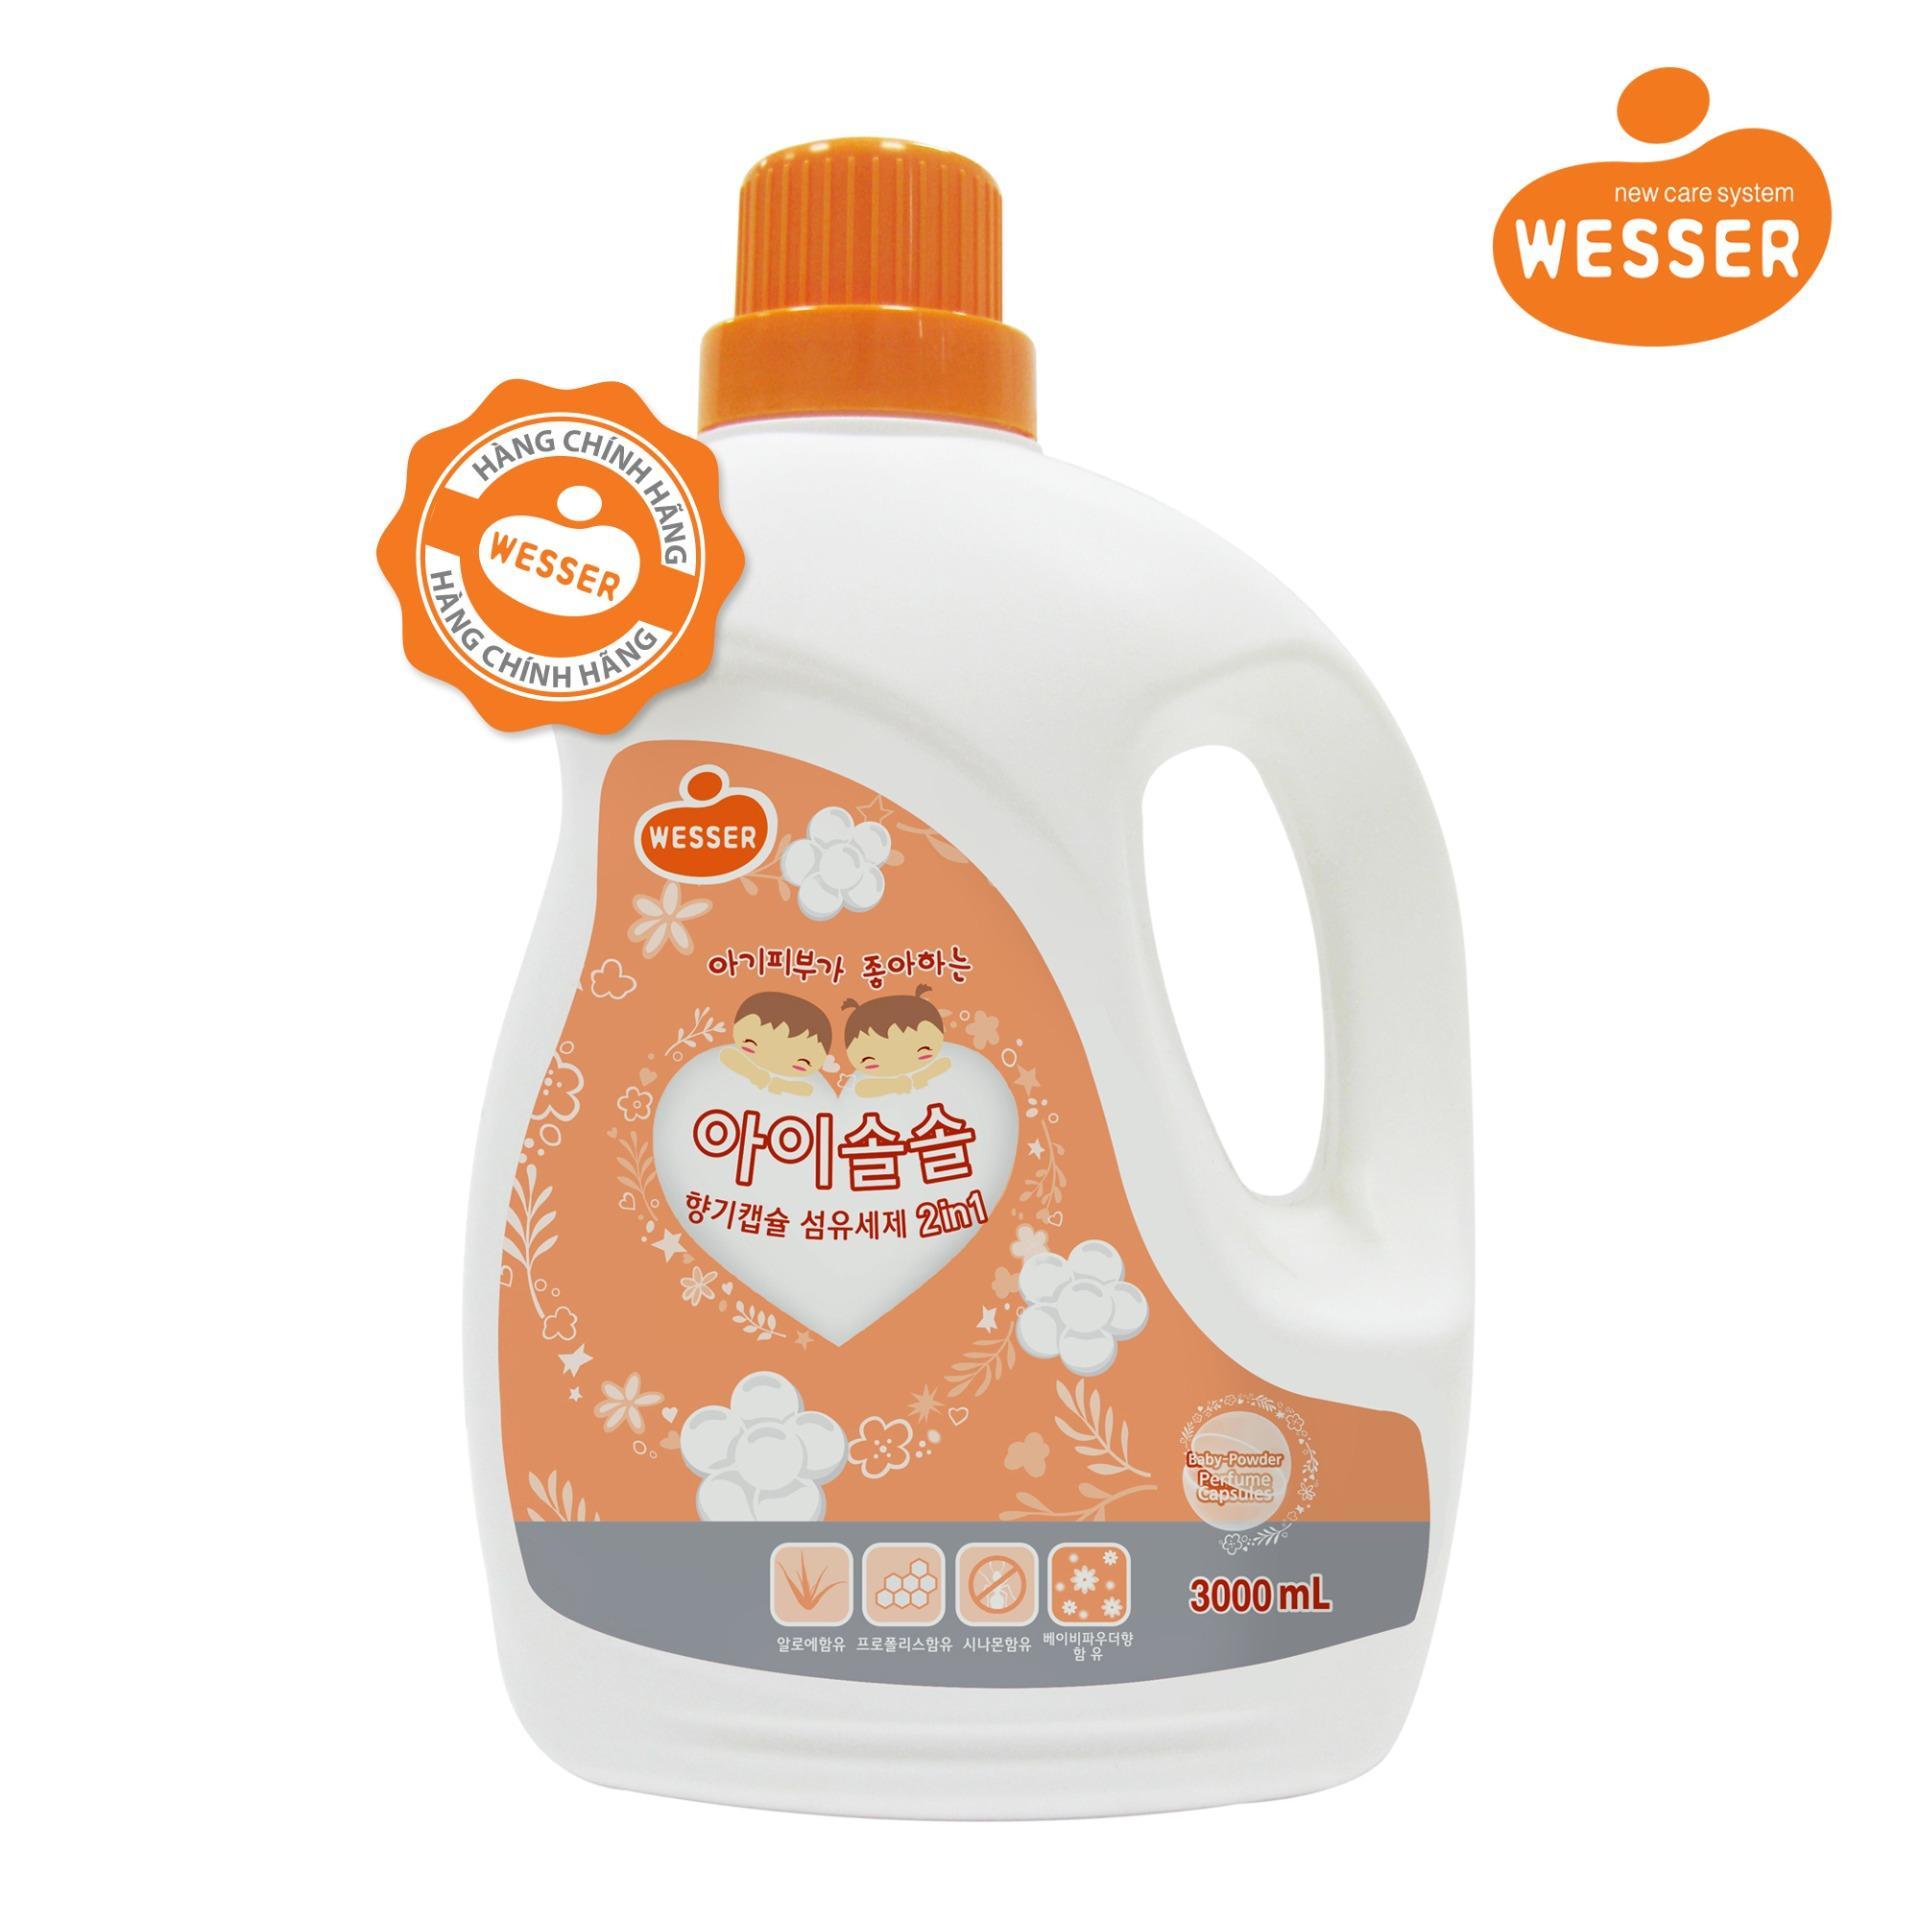 Nước giặt xả Wesser 2in1 hương phấn 3000ml (Màu cam,Hàng nhập khẩu)